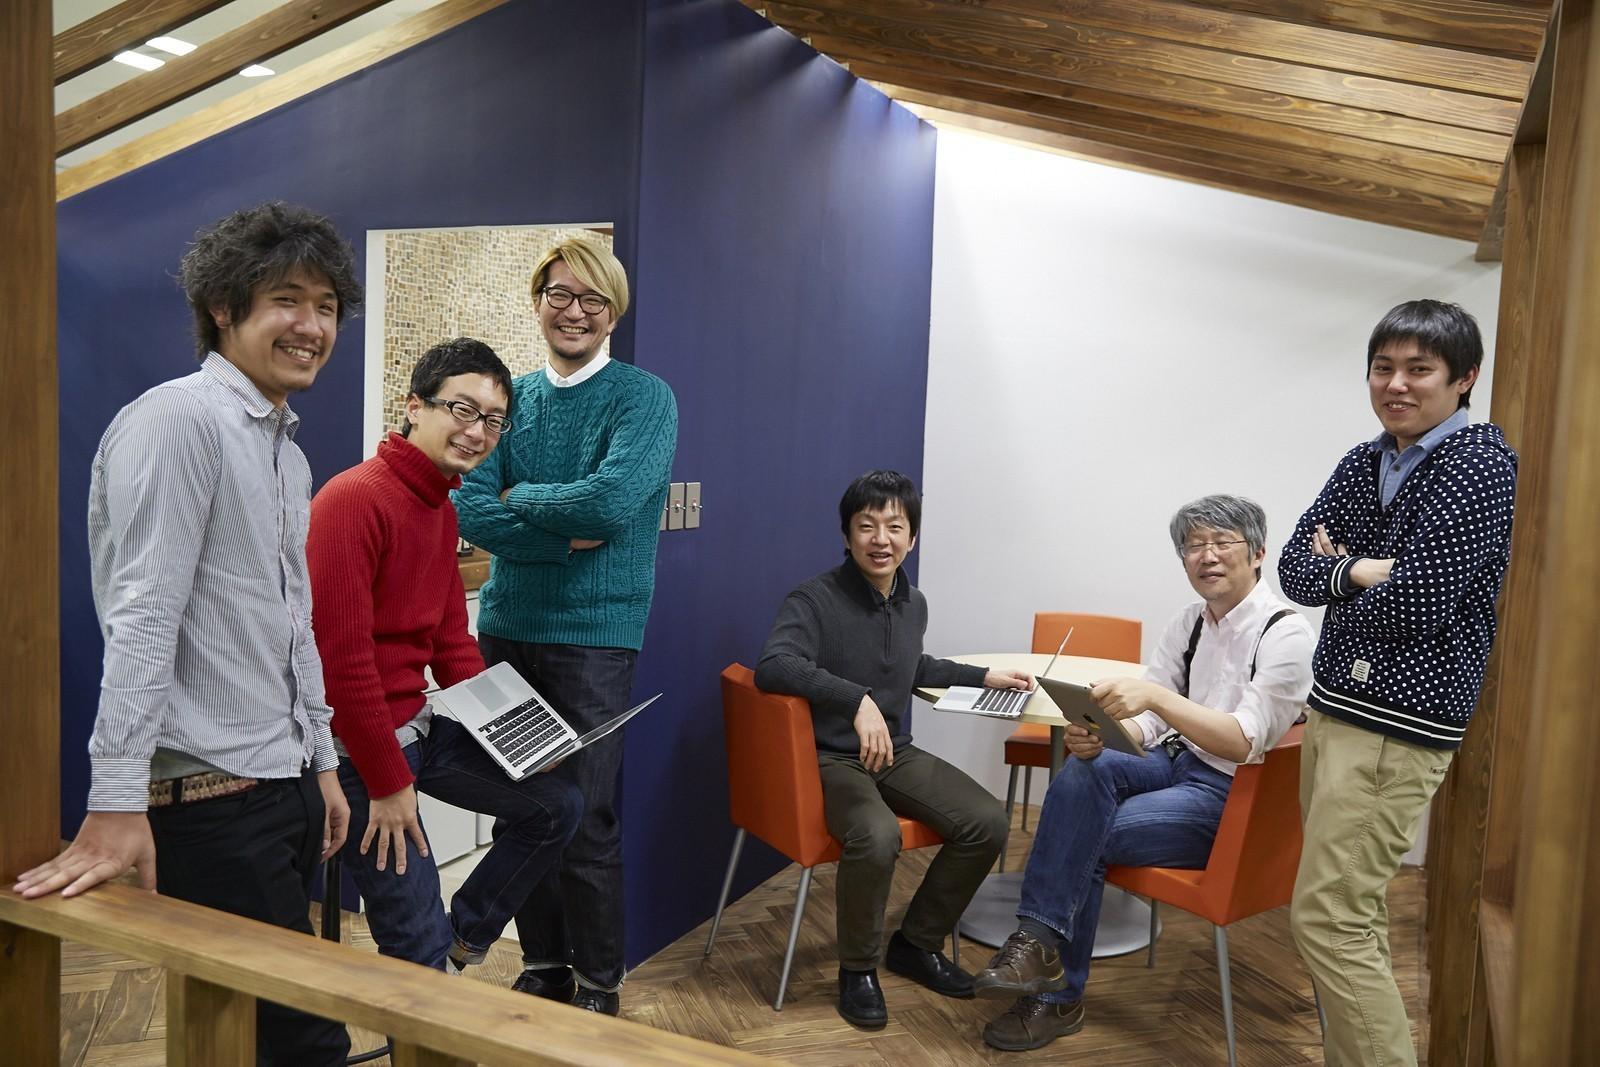 株式会社ネクスト・「HOME'S」のネクストが仕掛ける新規プロダクトのプロトタイプ構築を担当するエンジニアを募集!